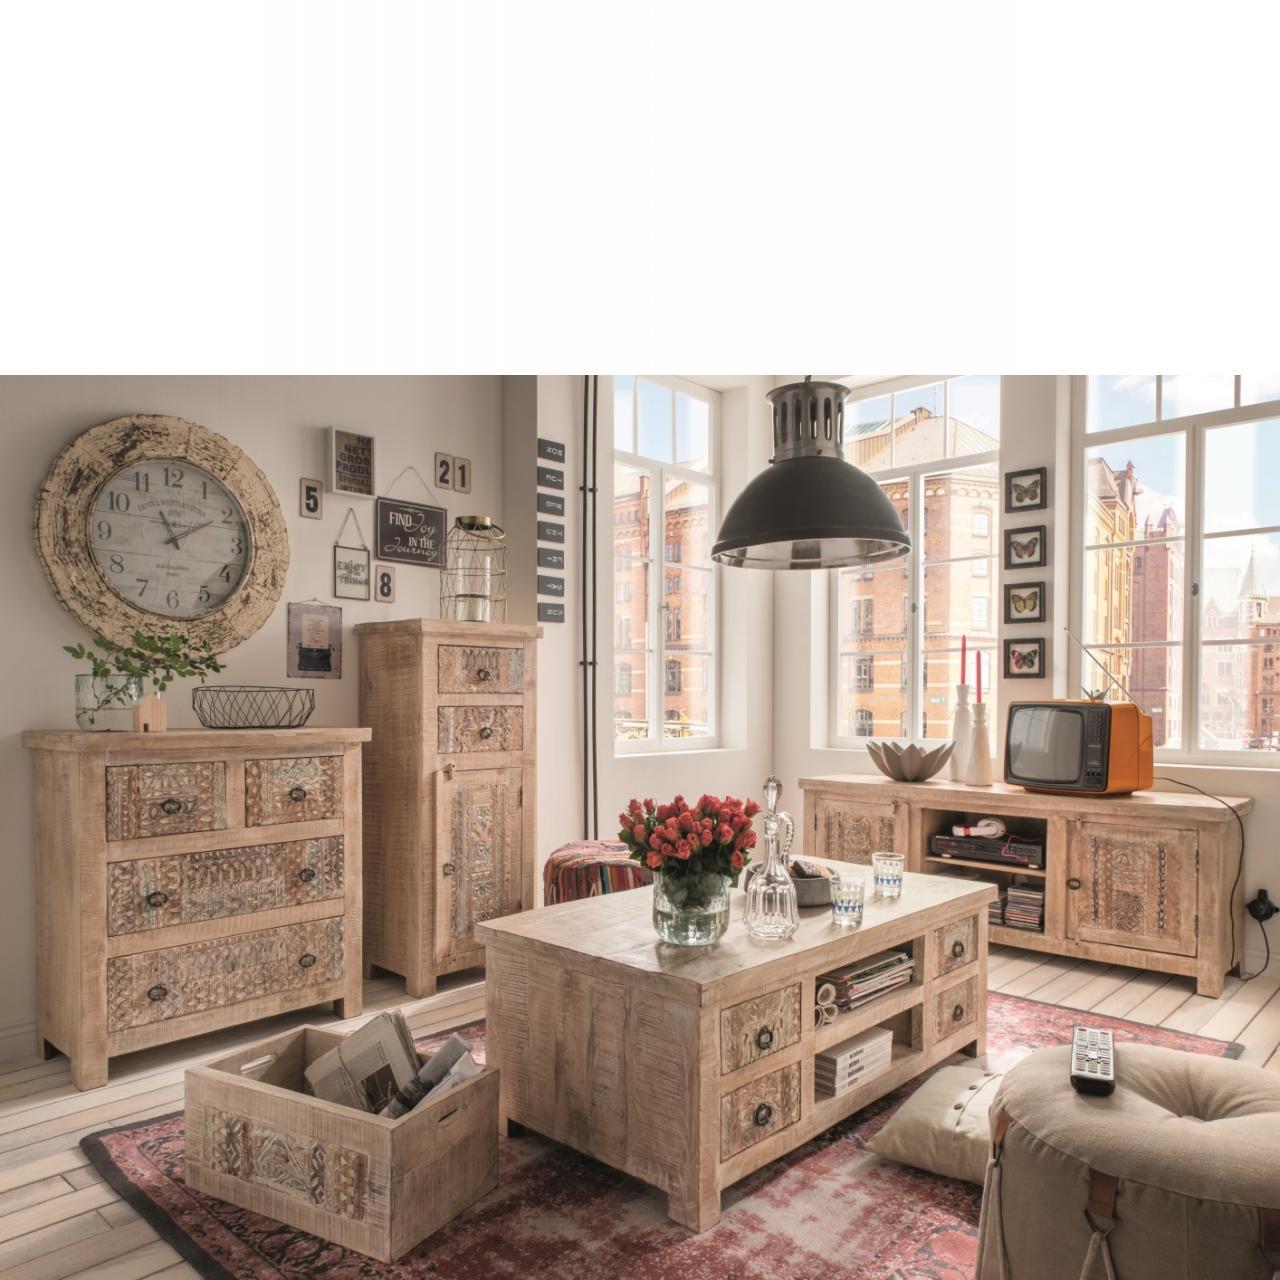 mbel 24 simple finest full size of hartz iv mbel mbel de with hartz sofa with mbel 24 trendy. Black Bedroom Furniture Sets. Home Design Ideas